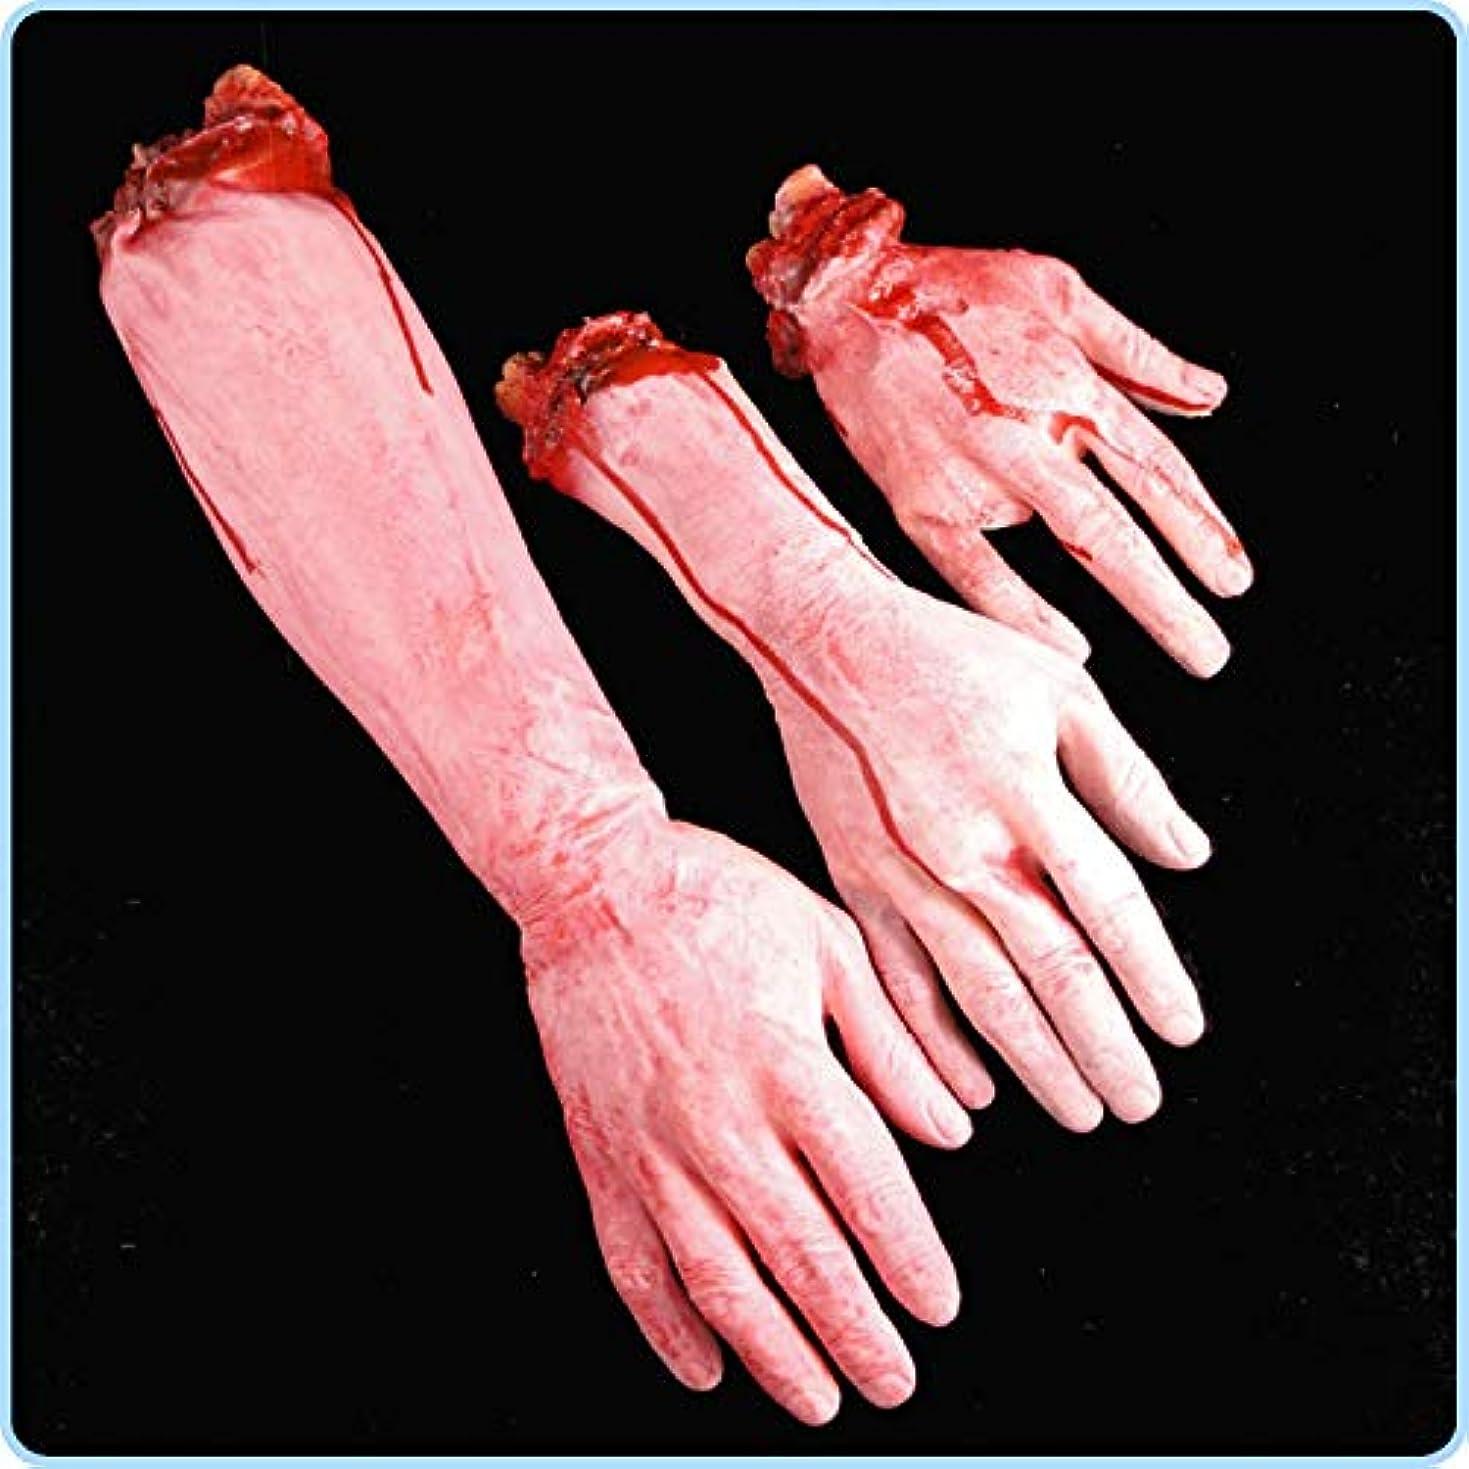 話す完全に香ばしいETRRUU HOME ハロウィン小道具バーKTV装飾用品リアルなホラー偽の血のホラー大きな壊れた手壊れた足 (Size : S)